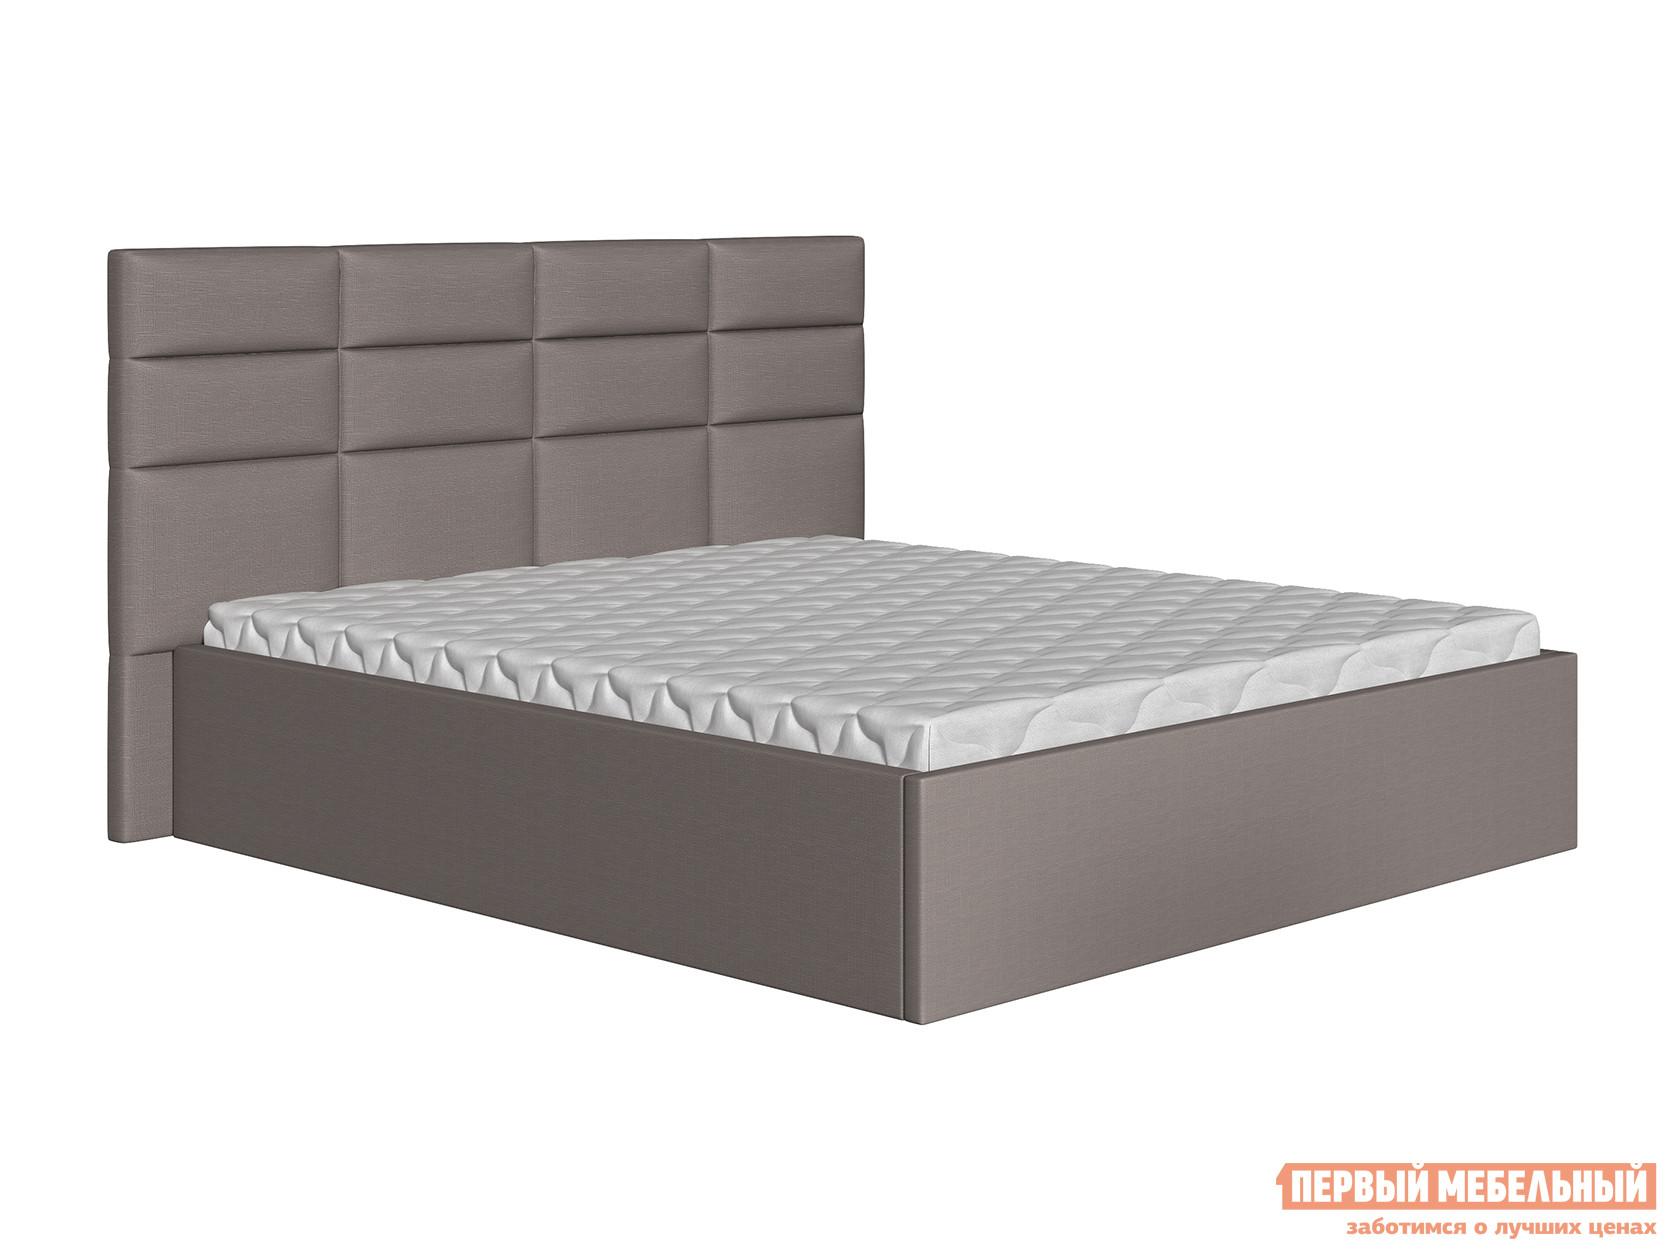 Двуспальная кровать  Кровать Коста Серый, рогожка, 140х200 см